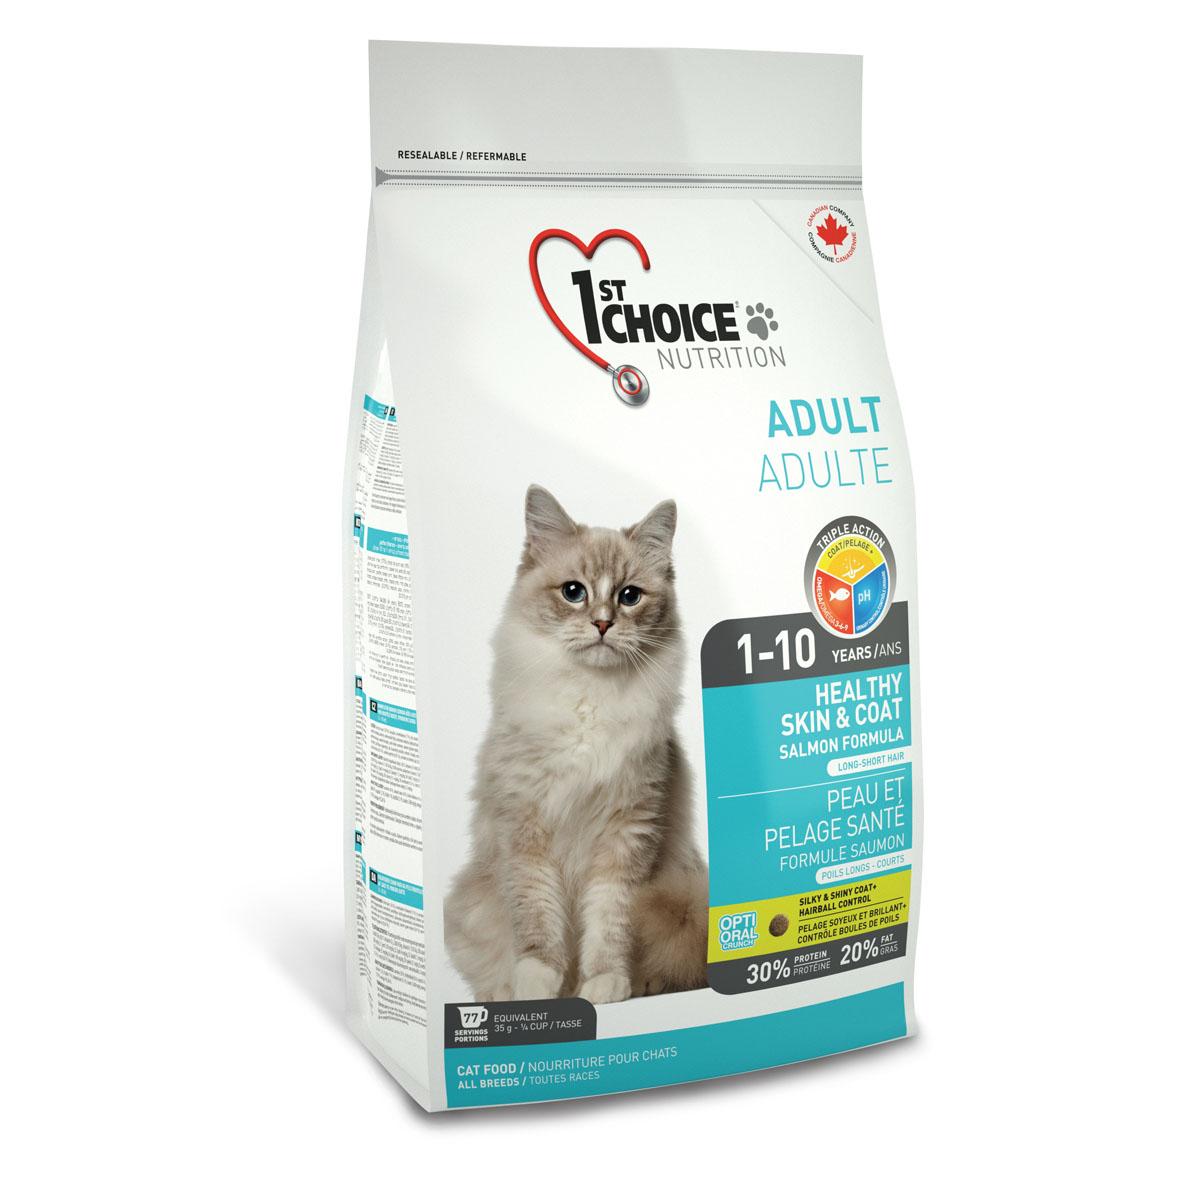 Корм сухой 1st Choice Adult для здоровья шерсти и кожи взрослых кошек, с лососем, 350 г56667Корм сухой 1st Choice Adult разработан для улучшениясостояния кожи и шерсти взрослых кошек в любое время года, шерсть любой длины становитсямягкой и блестящей. Жир лосося является лучшим источникомОмега 3-6-9жирных кислот, обеспечивающих здоровье кожи. Сочетаниерыбного белка и рыбьего жира гарантирует здоровую и роскошную шерсть.Свежий лосось - главный ингредиент, который понравится даже самымпривередливым гурманам.Ингредиенты: свежий лосось 18%, мука из сельди менхаден 17%, рис, гороховыйпротеин, куриный жир, сохраненный смесью натуральных токоферолов (витаминЕ), сушеное яйцо, мякоть свеклы, клетчатка гороха, гидролизат куриной печени,коричневый рис, специально обработанные ядра ячменя и овса, цельное семяльна, жир лосося, сушеная мякоть томата, калия хлорид, лецитин, кальциякарбонат, холина хлорид, соль, кальция пропионат, натрия бисульфат, таурин,DL- метионин, L-лизин, экстракт дрожжей, железа сульфат, аскорбиноваякислота (витамин С), экстракт цикория, цинка оксид, натрия селенит, альфа-токоферол ацетат (витамин Е), никотиновая кислота, экстракт юкки Шидигера, L-цистин, кальция иодат, марганца оксид, L-карнитин, D-кальция пантотенат,тиамина мононитрат, рибофлавин, пиридоксина гидрохлорид, витамин А,холекальциферол (витамин Д3), биотин, сушеная мята 0,01%, сушеная петрушка0,01%, экстракт зеленого чая 0,01%, цинка протеинат, витамин В12, кобальтакарбонат, фолиевая кислота, марганца протеинат, меди протеинат.Гарантированный анализ: сырой протеин мин. 30%, сырой жир мин. 20%, сыраяклетчатка макс. 6%, влага макс. 10%, зола макс. 9%, кальций мин. 1,2%, фосформин. 1%, марганец макс. 0,1%, таурин 2600 мг/кг, витамин А мин. 34 000 МЕ/кг,витамин Д3 мин. 2 000 МЕ/кг, витамин Е мин. 150 МЕ/кг, омега-3 жирные кислоты1,92%, омега-6 жирные кислоты 9,19%, омега-9 жирные кислоты 0,26%. Энергетическая ценность: 455 ккал/мерный стакан/ 250 мл - 3639 ккал. Товар сертифицирован.